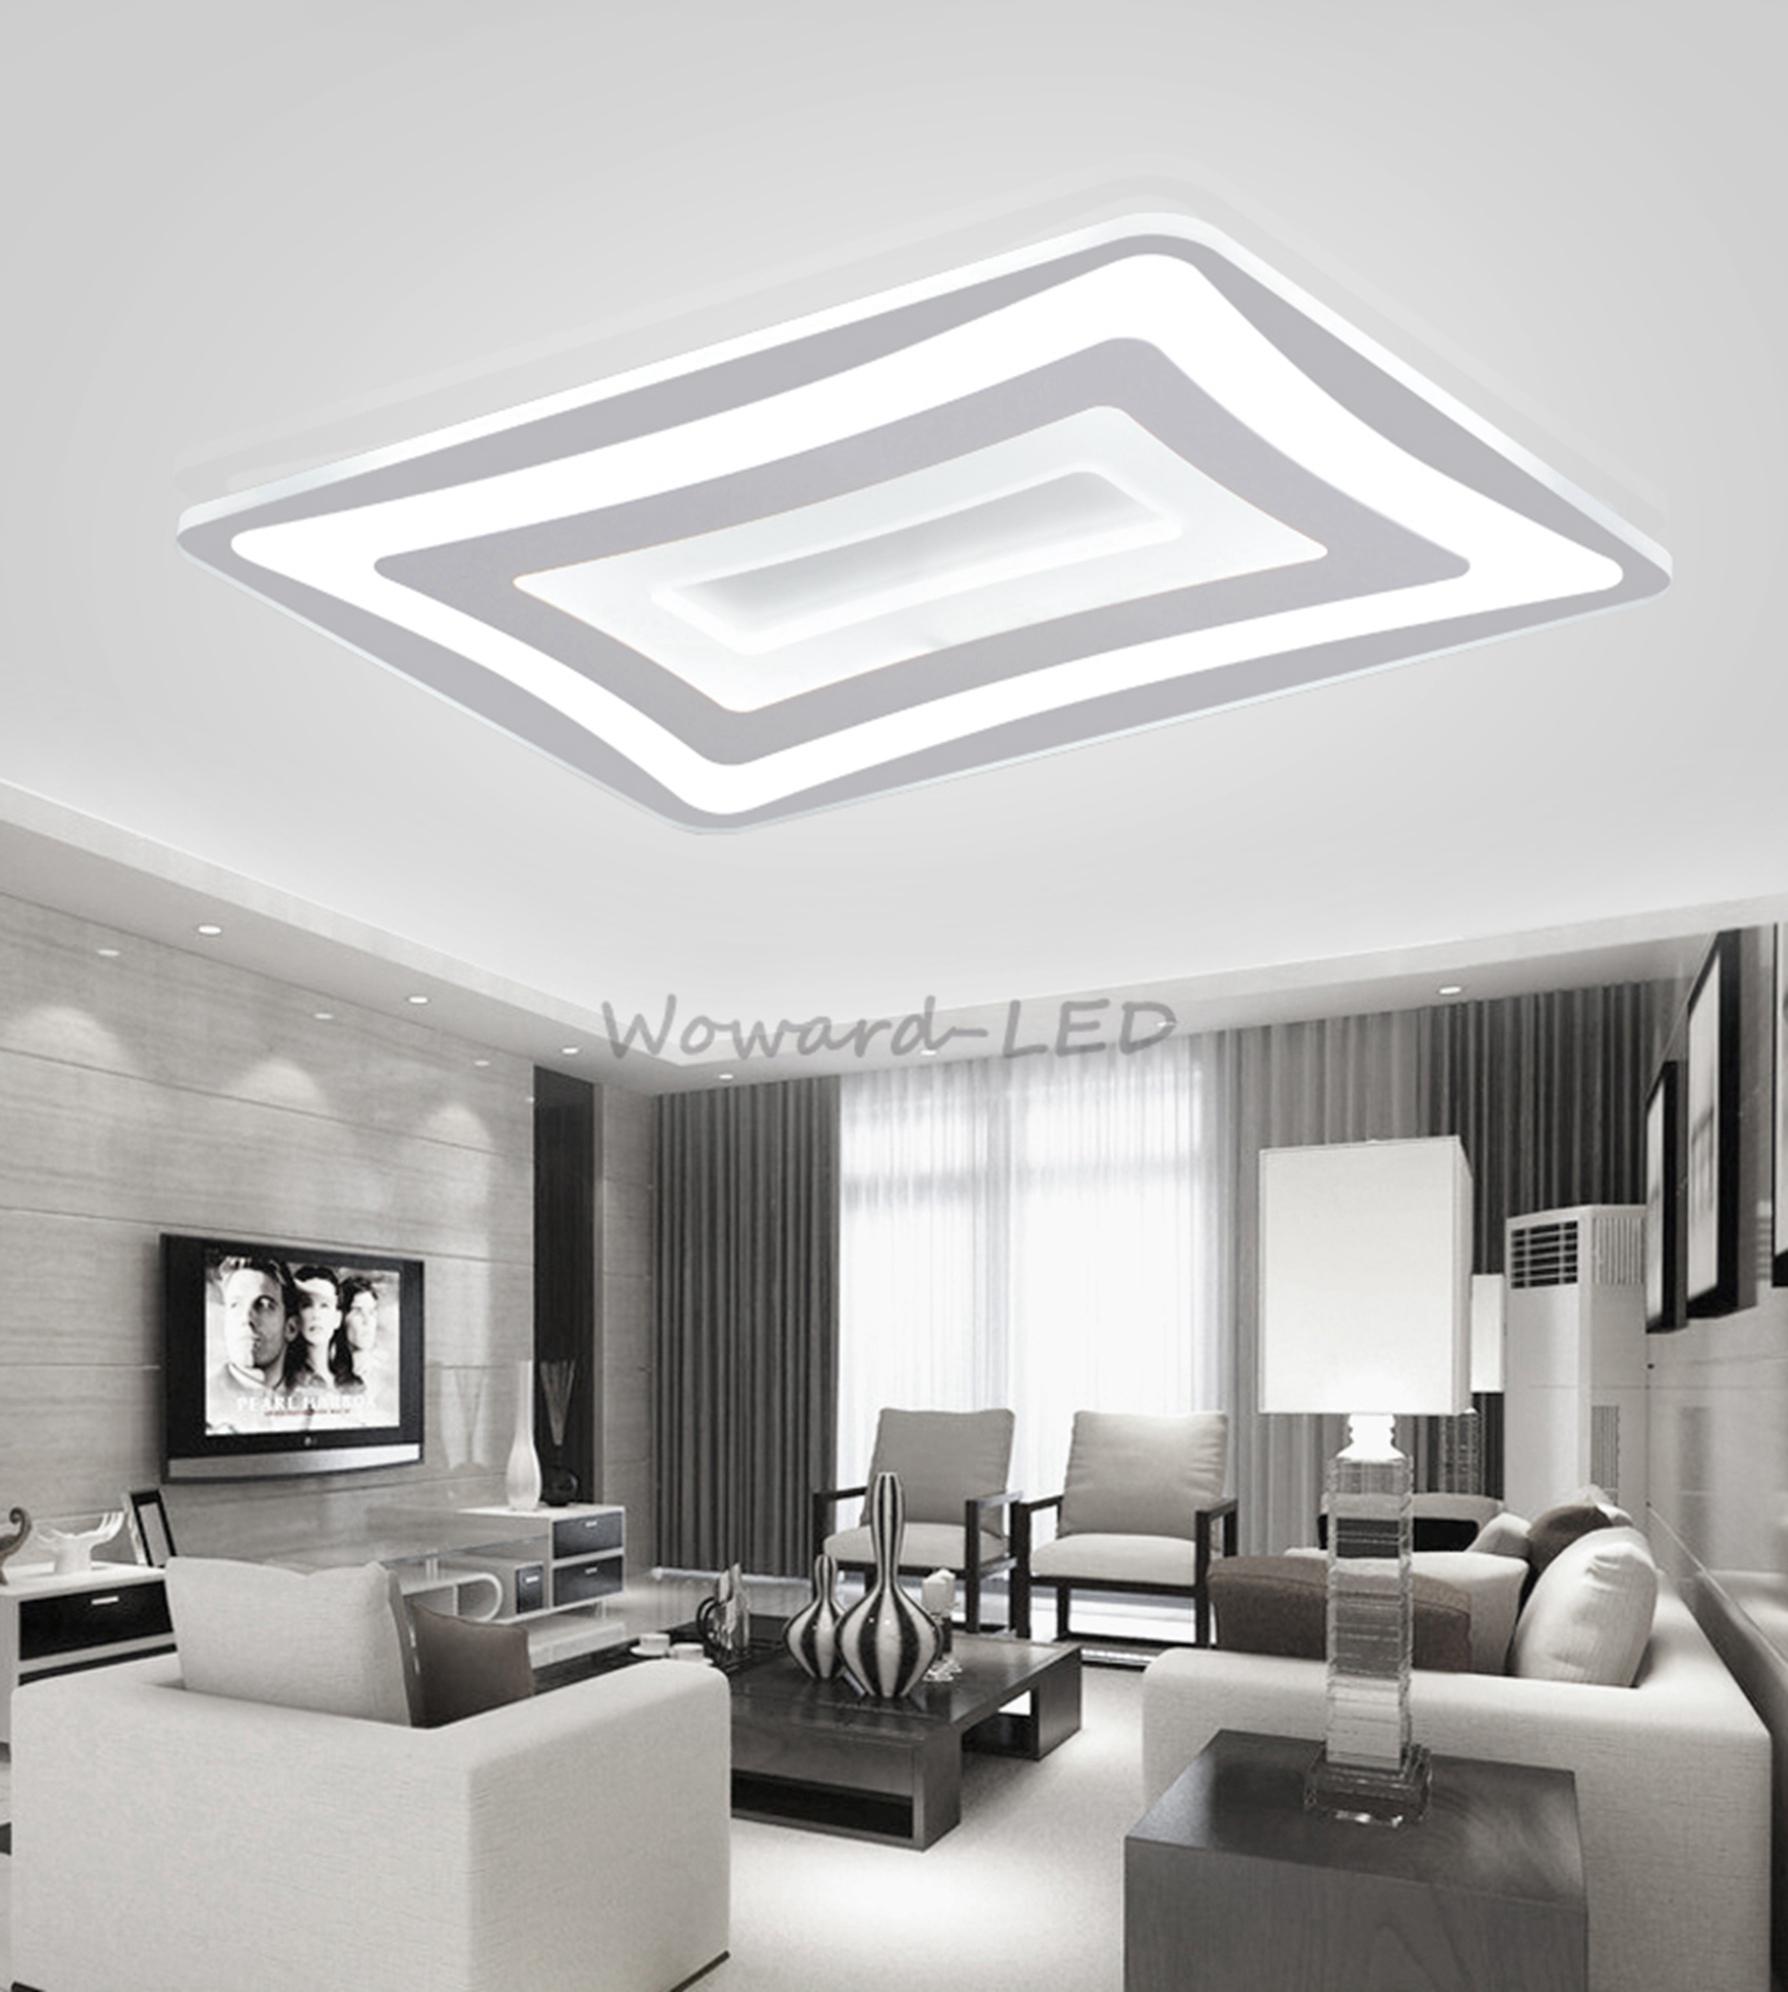 Led deckenlampe deckenleuchte 48w bis 148w dimmbar lampe for Deckenlampe viereckig